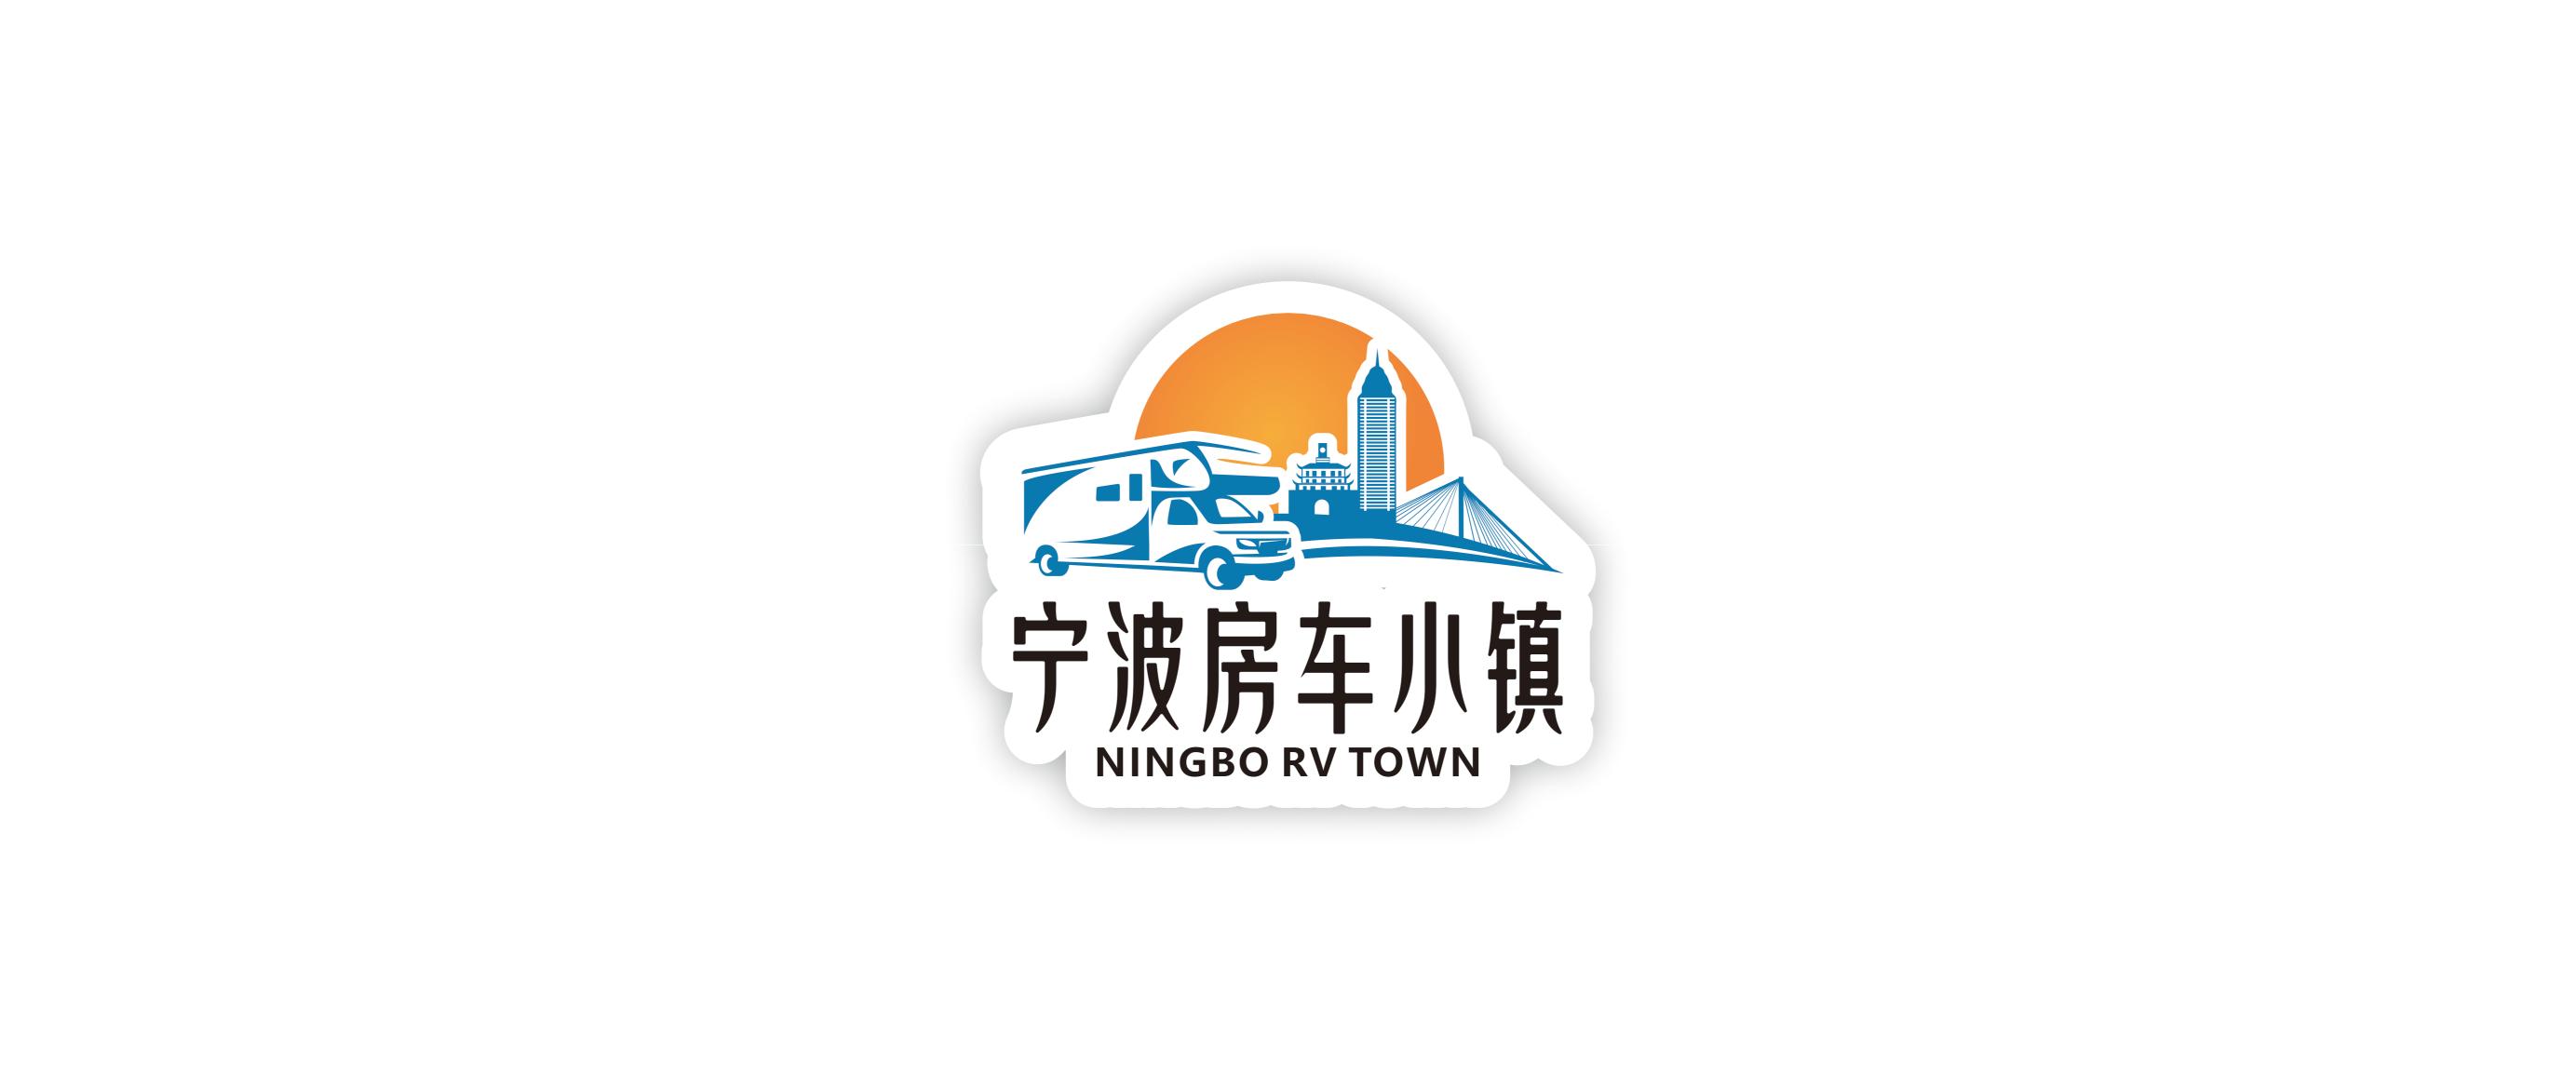 浙江新重汽广雨汽车销售服务有限公司